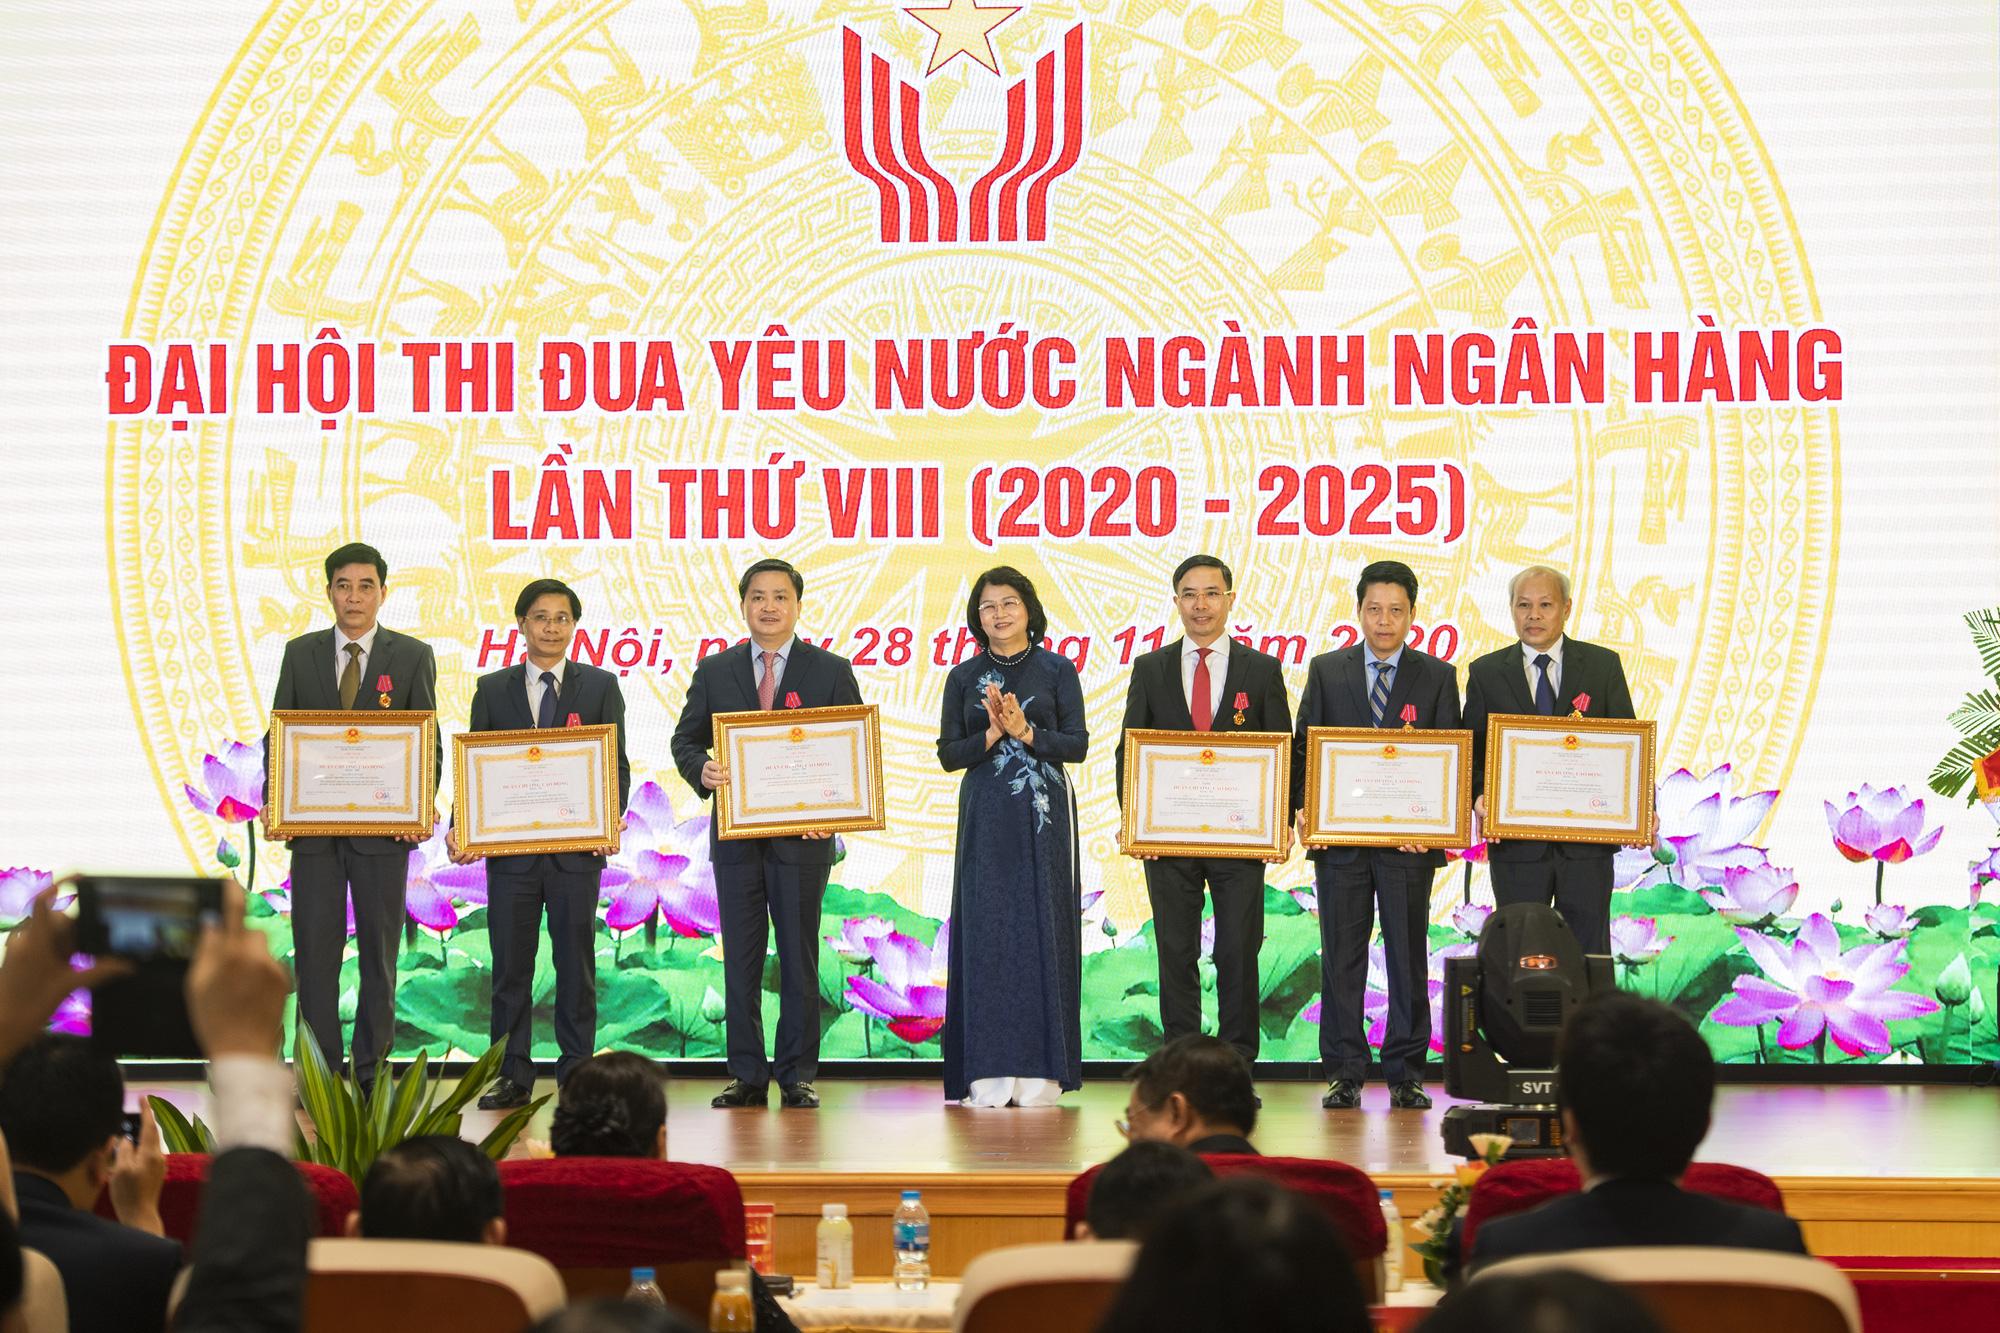 Chủ tịch Quốc hội dự Đại hội thi đua yêu nước ngành Ngân hàng - Ảnh 3.